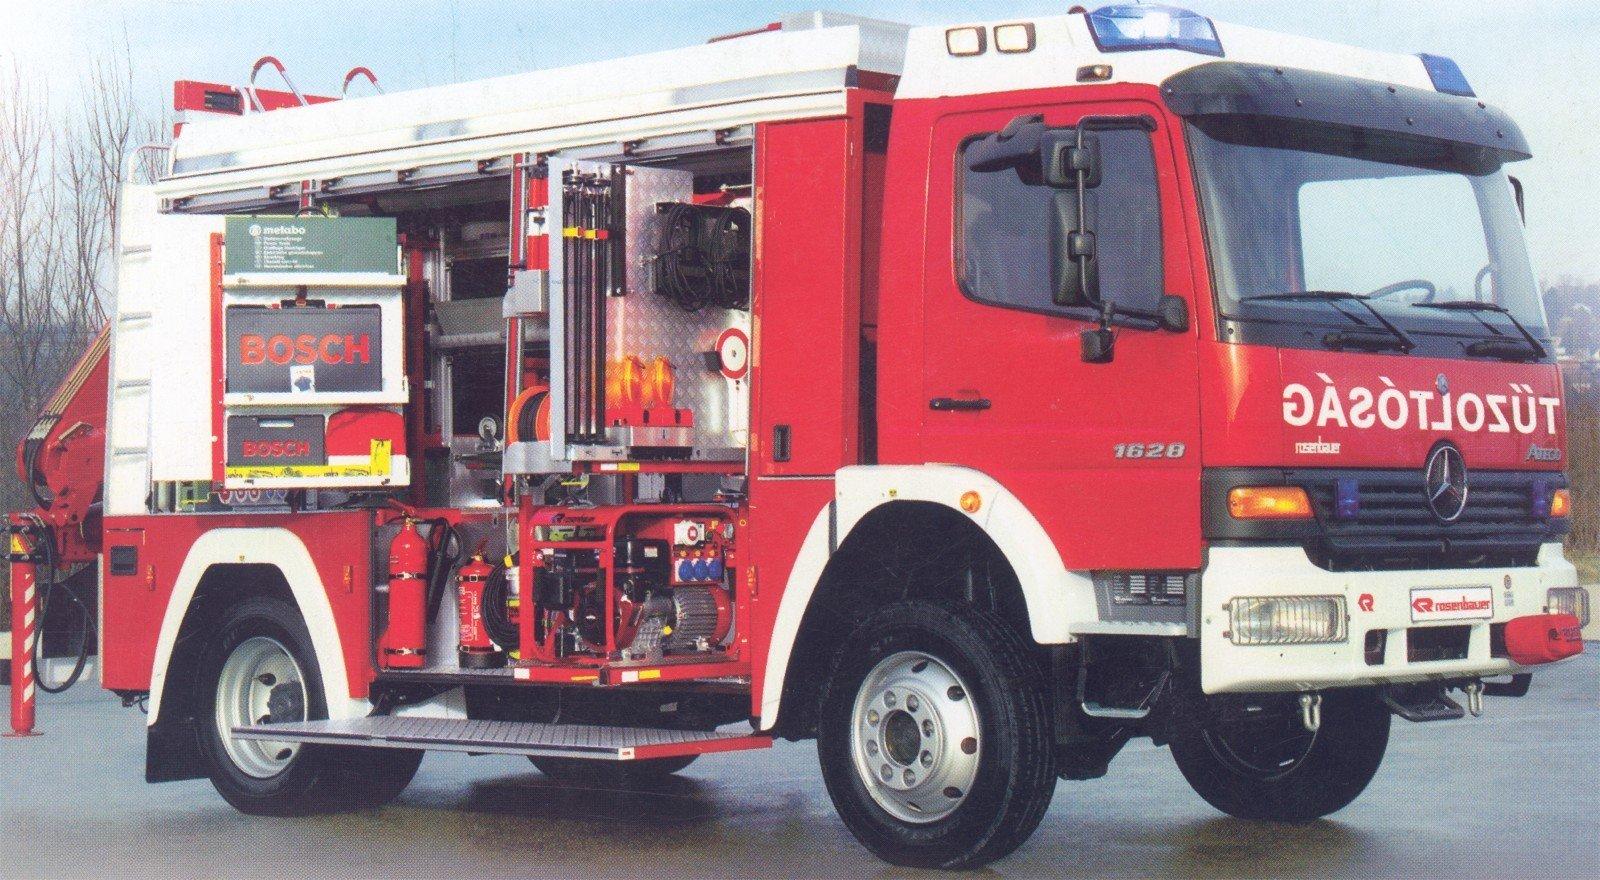 Közel 15 millió forint értékben nyertek el támogatást Nógrád megye önkéntes tűzoltó egyesületei